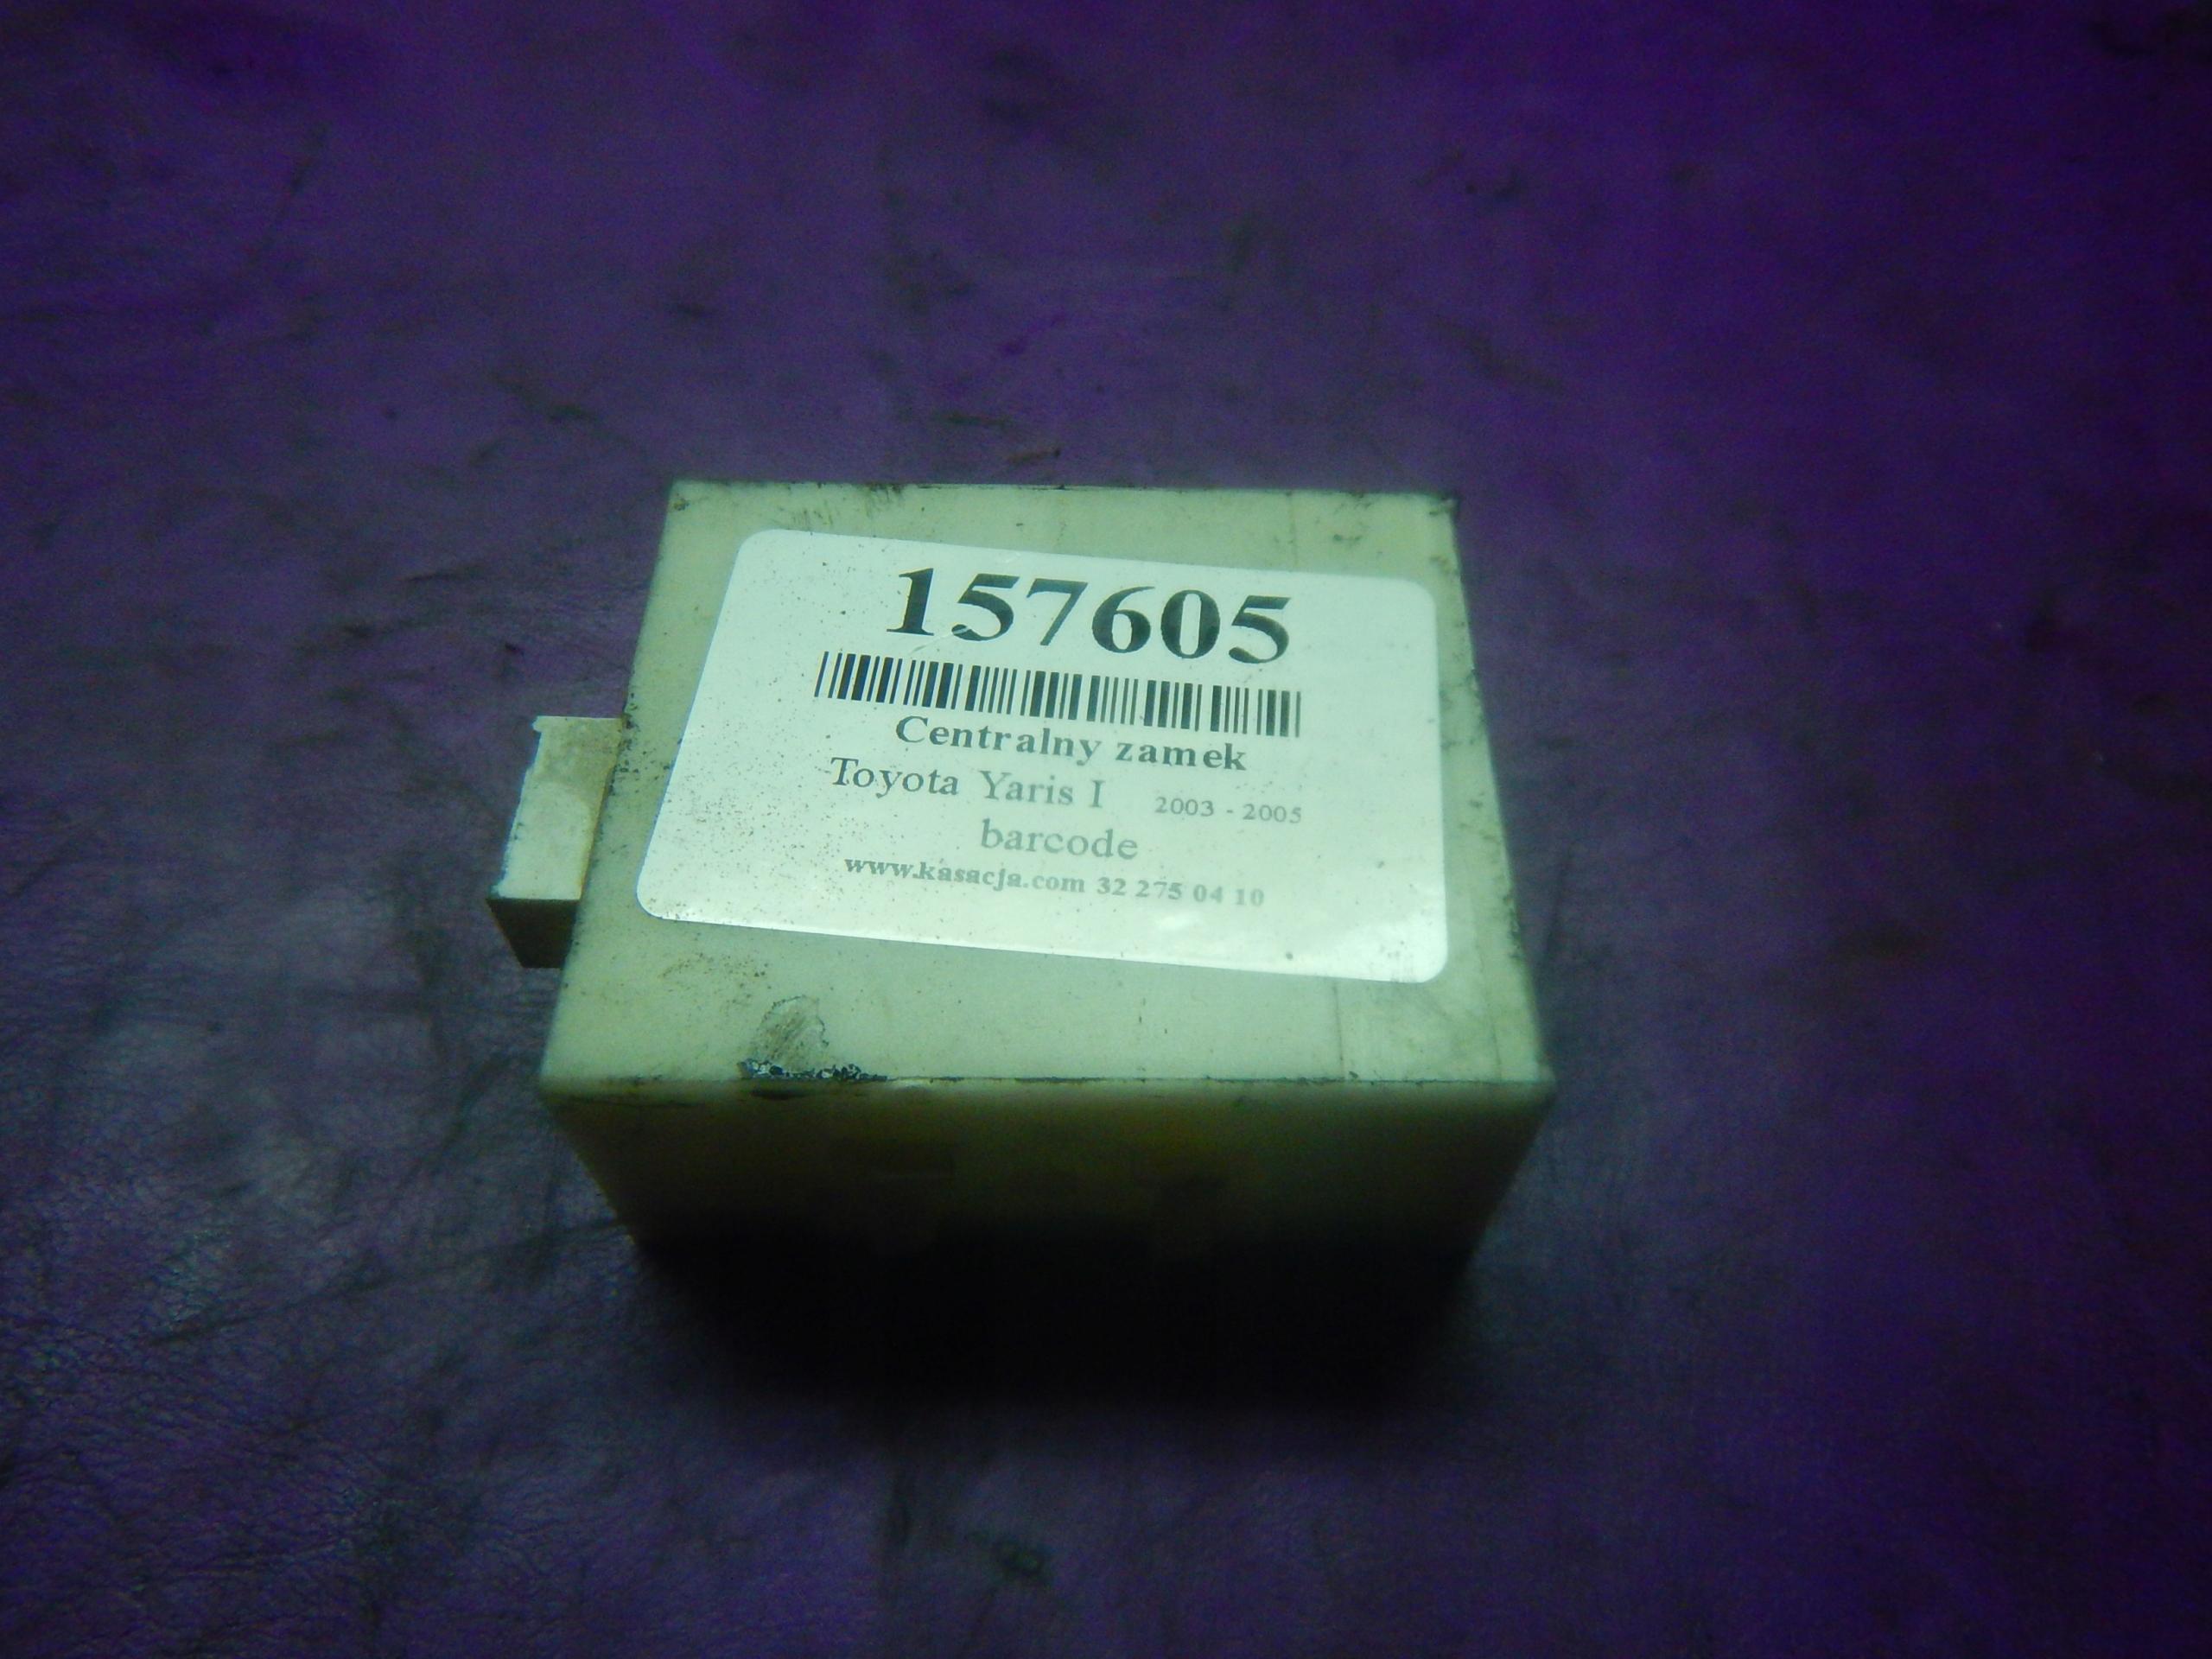 yaris i 03- lift модуль центральный замок 897410d020